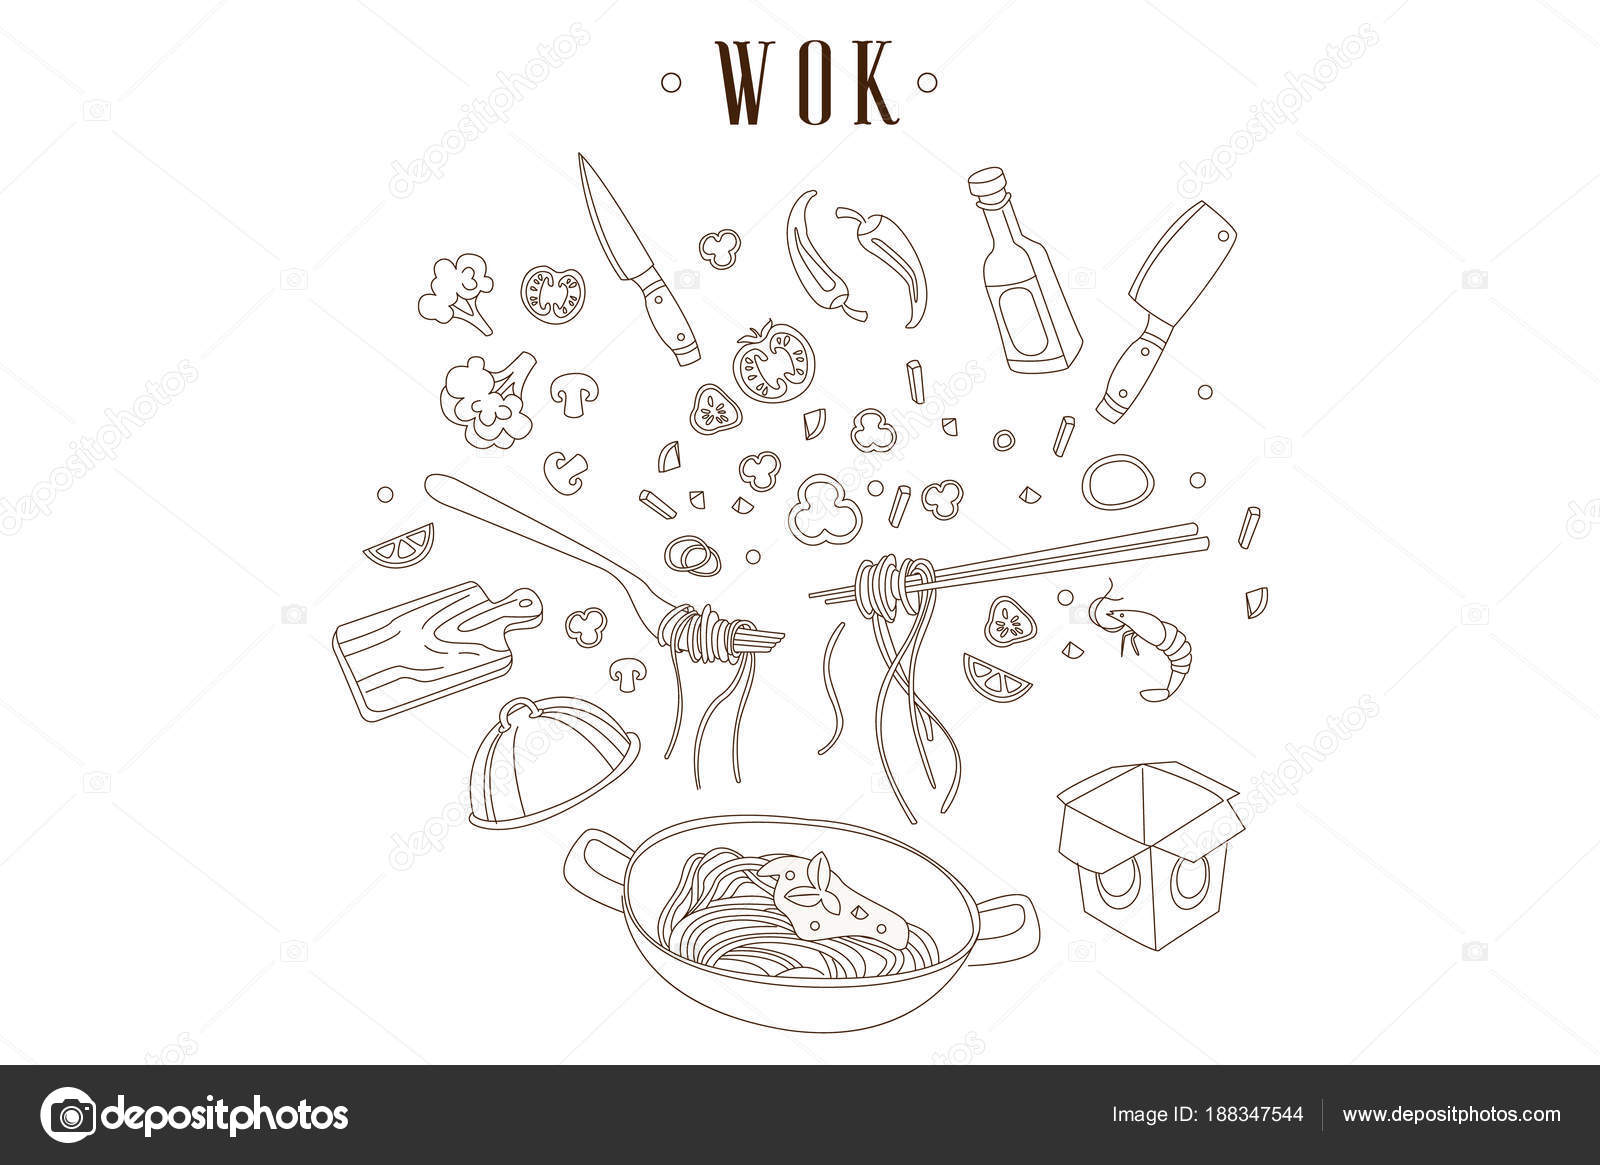 Asiatische Küchenutensilien handgezeichnete vektor illustration der pfanne mit nudeln